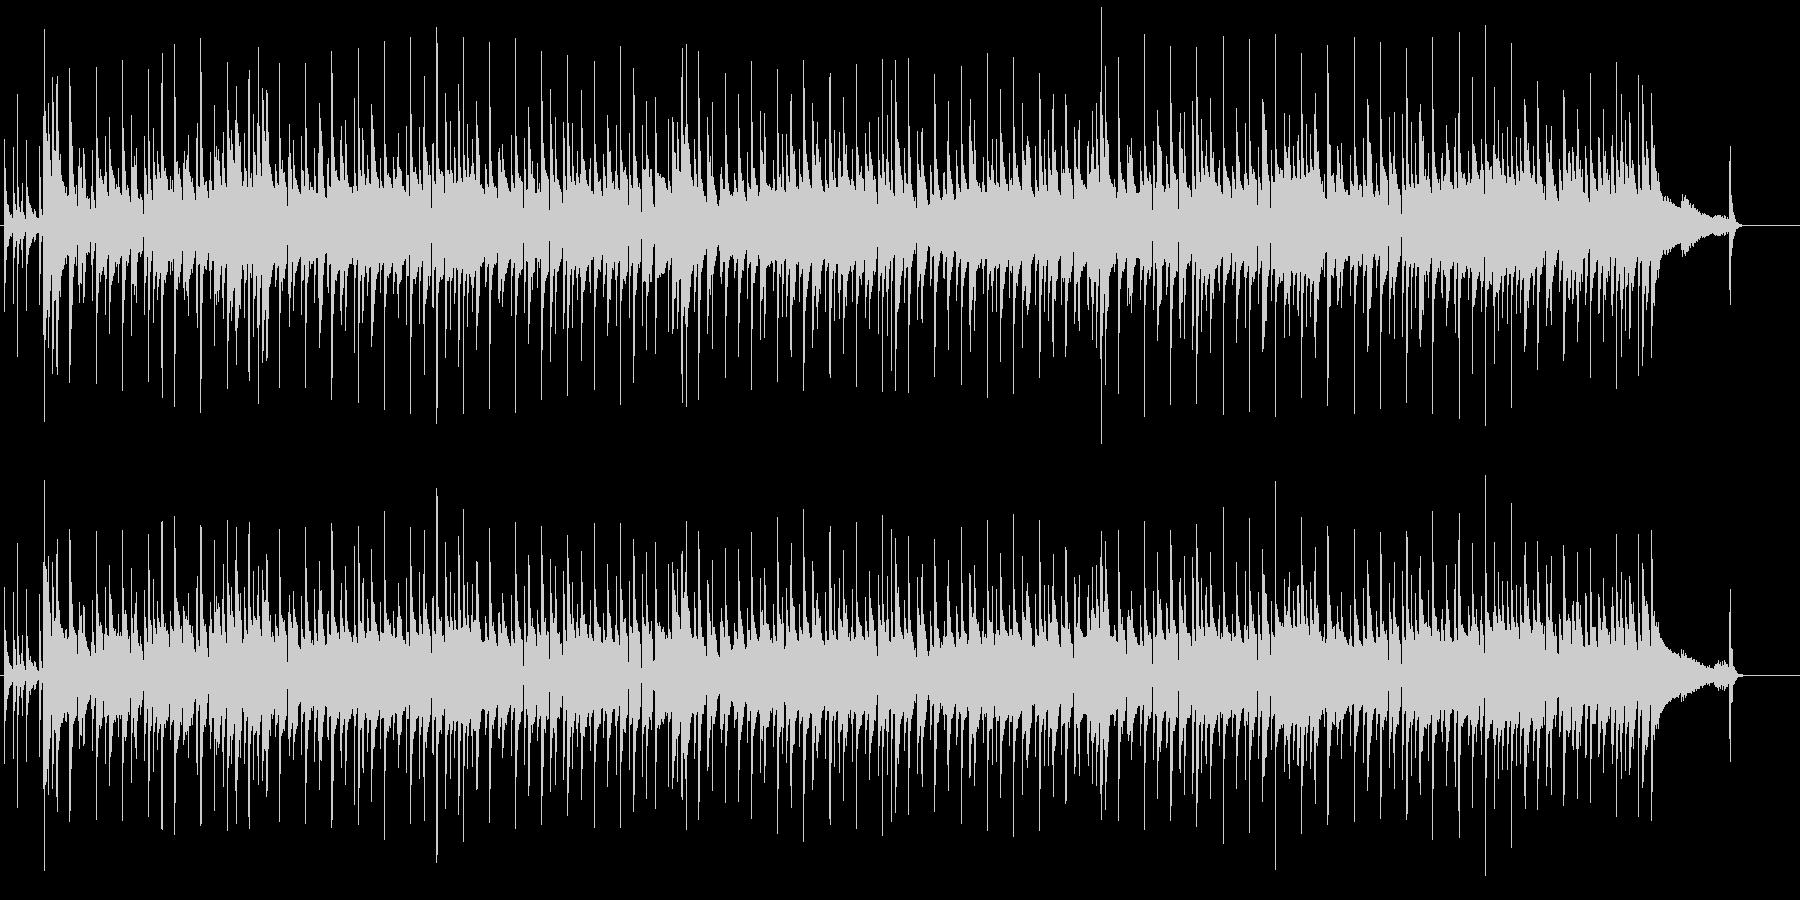 オルガンとバンドのセッションの未再生の波形